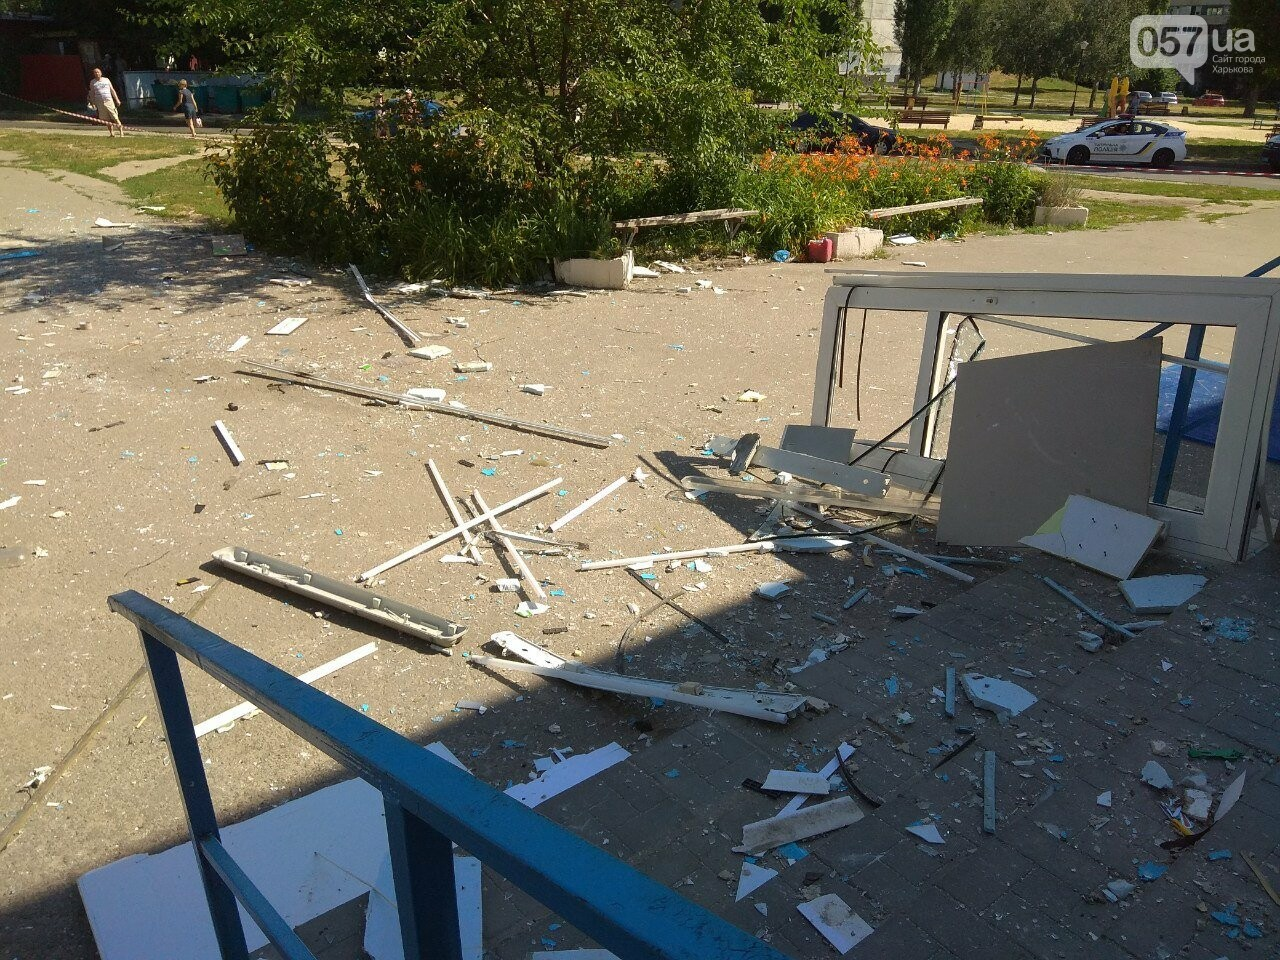 Взрыв банкомата на Алексеевке: неизвестные нанесли магазину убыток на 200 тысяч гривен, - ВИДЕО, фото-10